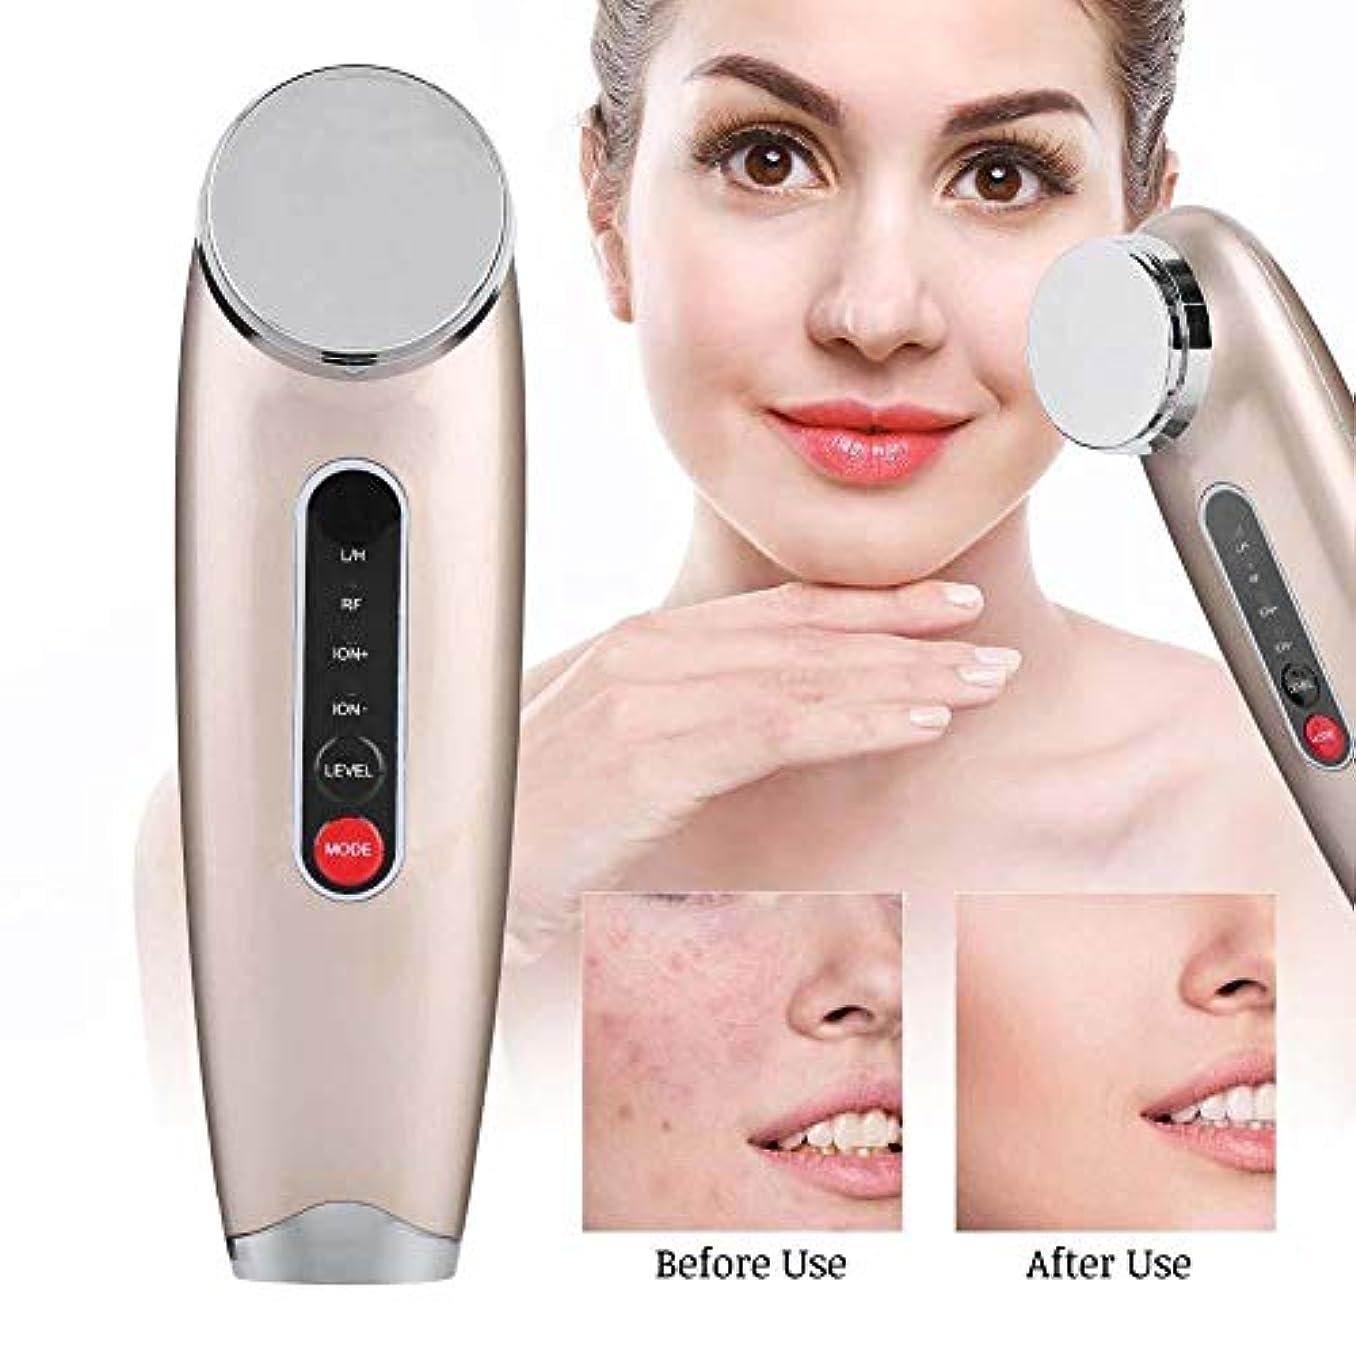 遵守する容器証明するフェイシャルビューティーマシーン - しわ、スキンケア用品、洗顔料、フェイシャルリフトを引き締め、肌を若返らせるために毛穴を縮めます